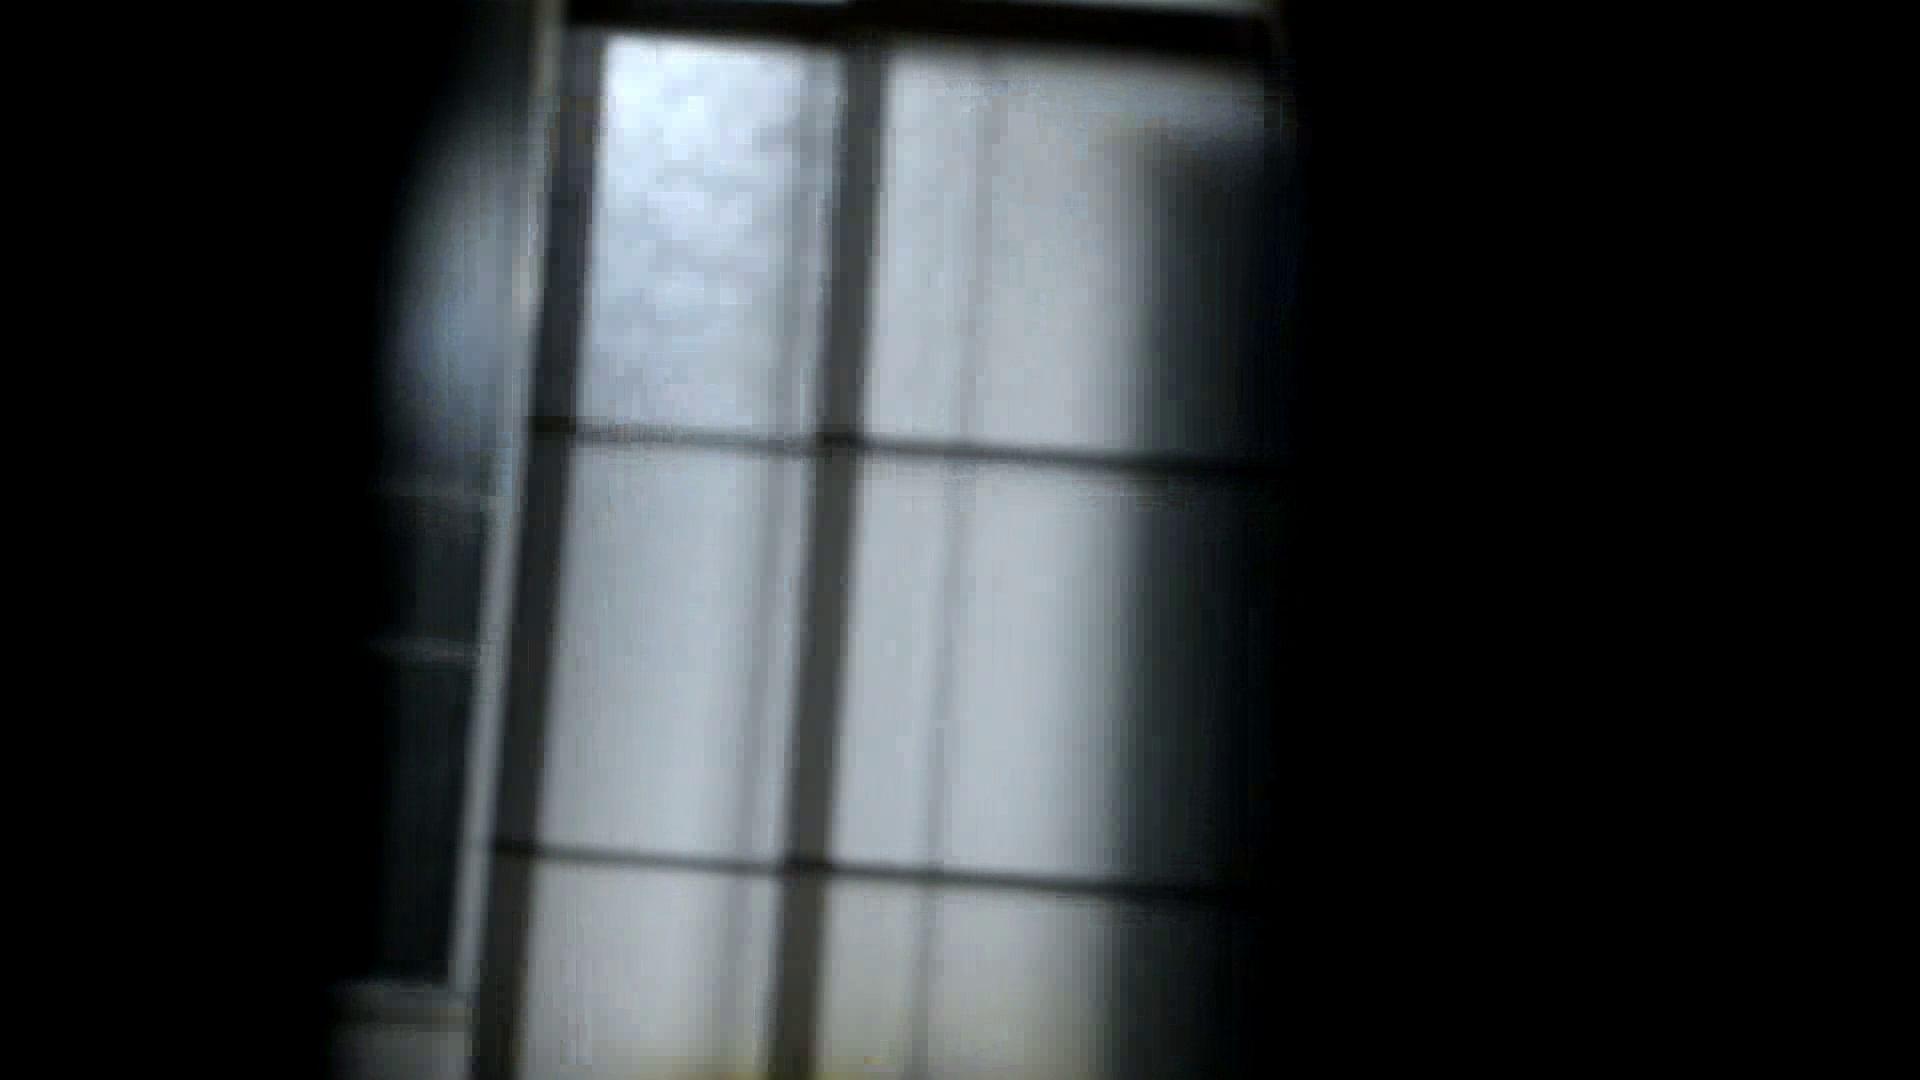 リアル盗撮 清楚なお女市さんのマル秘私生活② 0  56連発 50